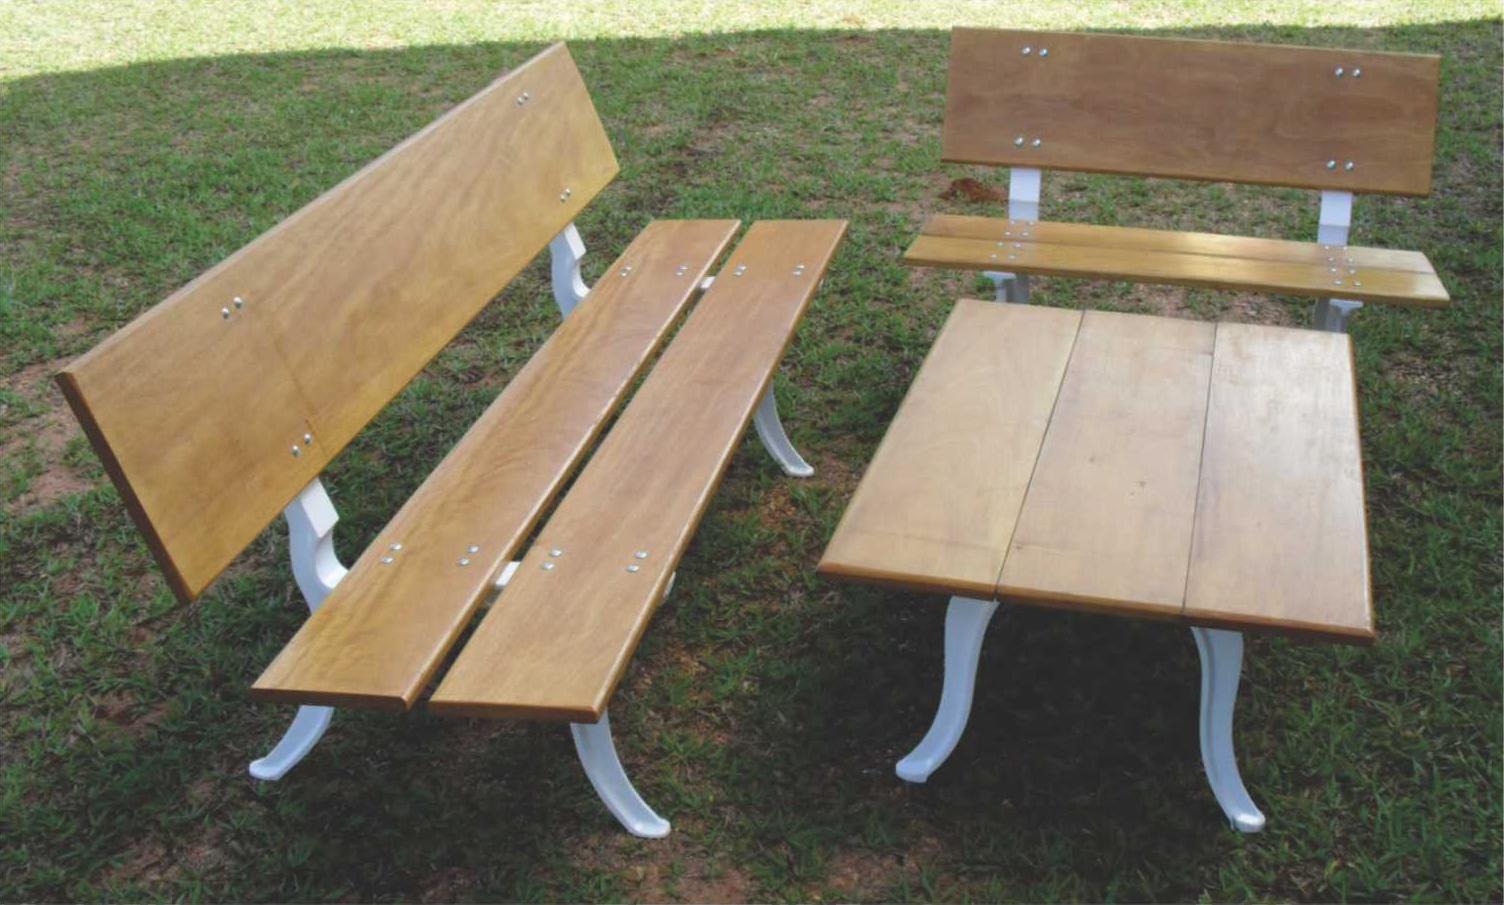 móveis de jardim mesas e bancos para jardim #8C6F3F 1504x905